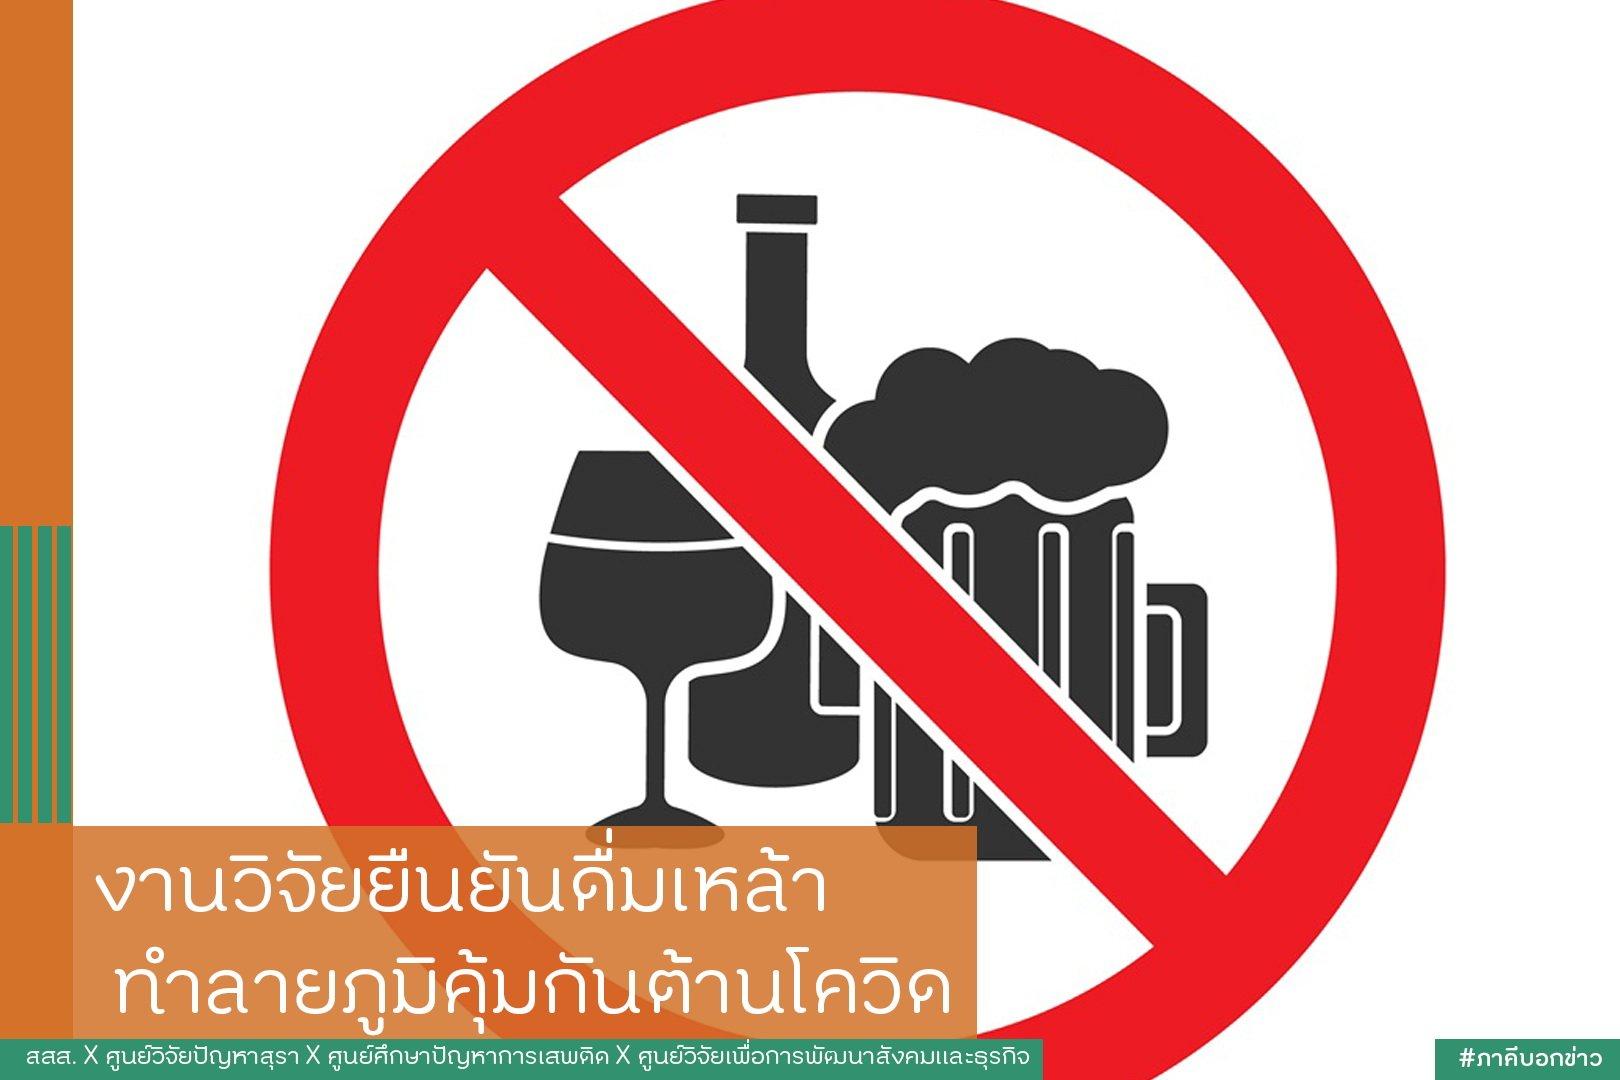 งานวิจัยยืนยันดื่มเหล้า ทำลายภูมิคุ้มกันต้านโควิด thaihealth